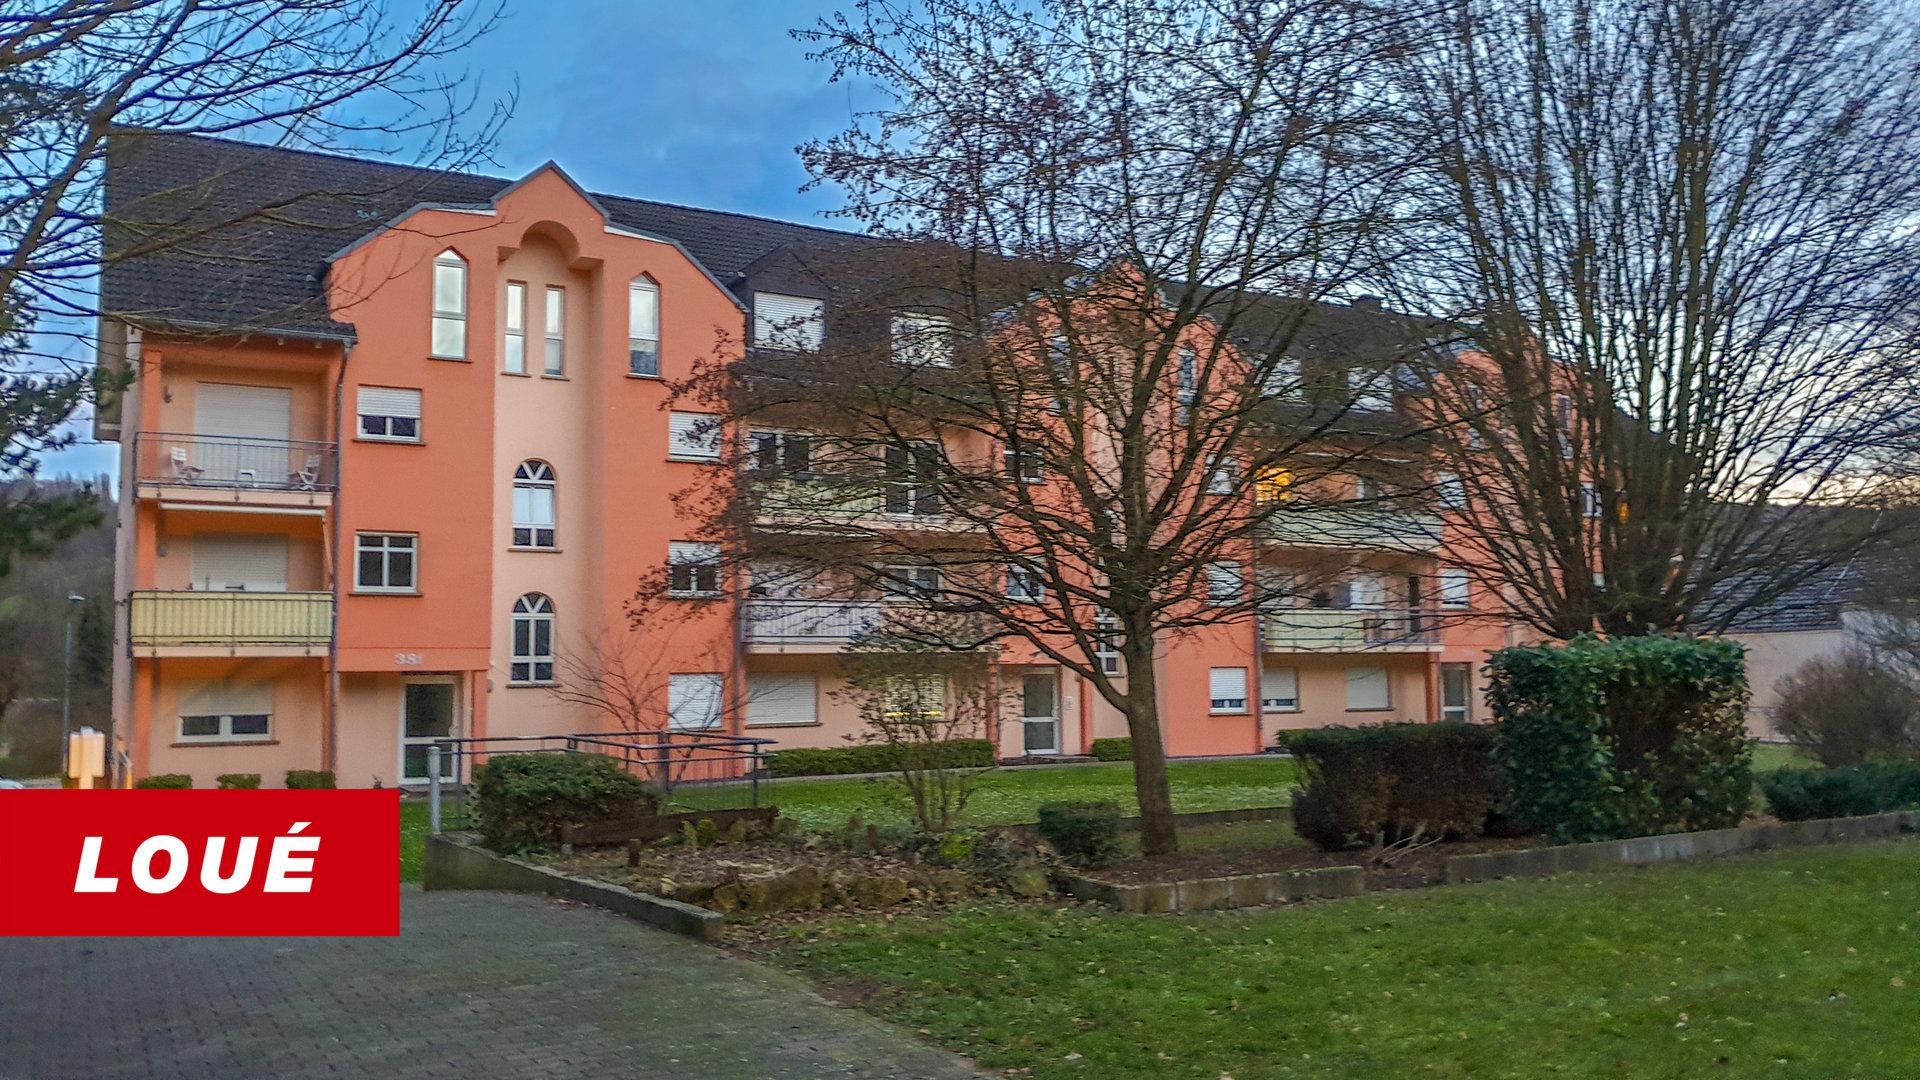 RENTED - duplex with 2 bedrooms in Grevenmacher